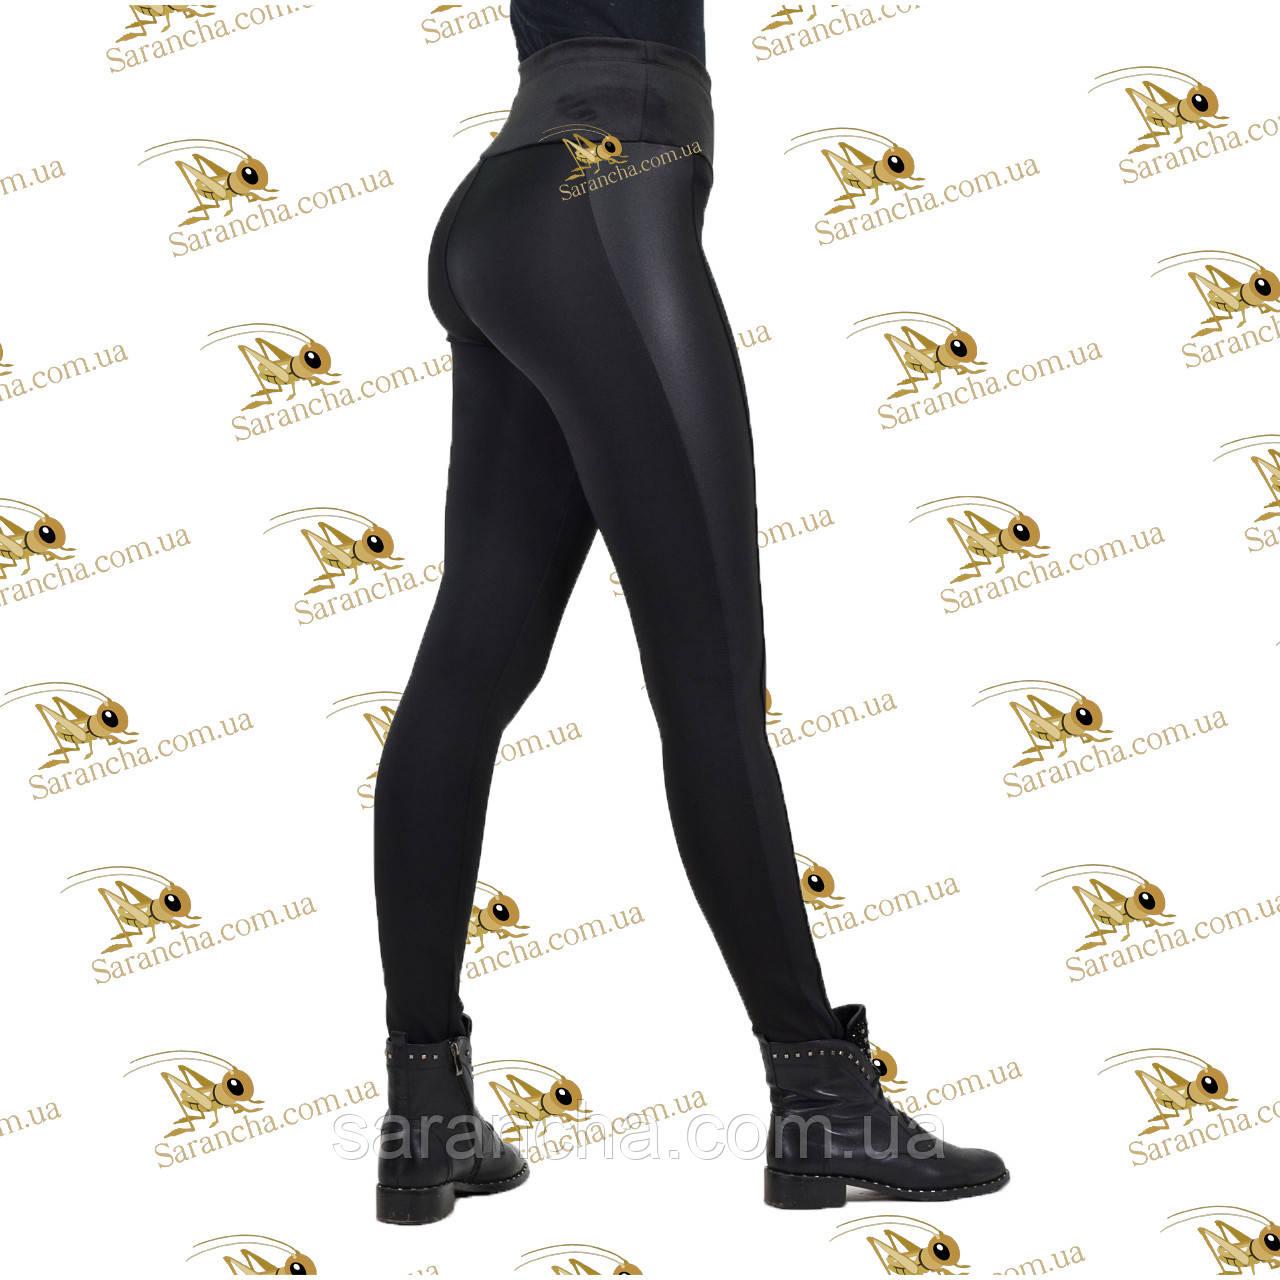 Лосины женские черный дайвинг на меху/ПЛЮШЕ широкий пояс лампас из отделочной ткани